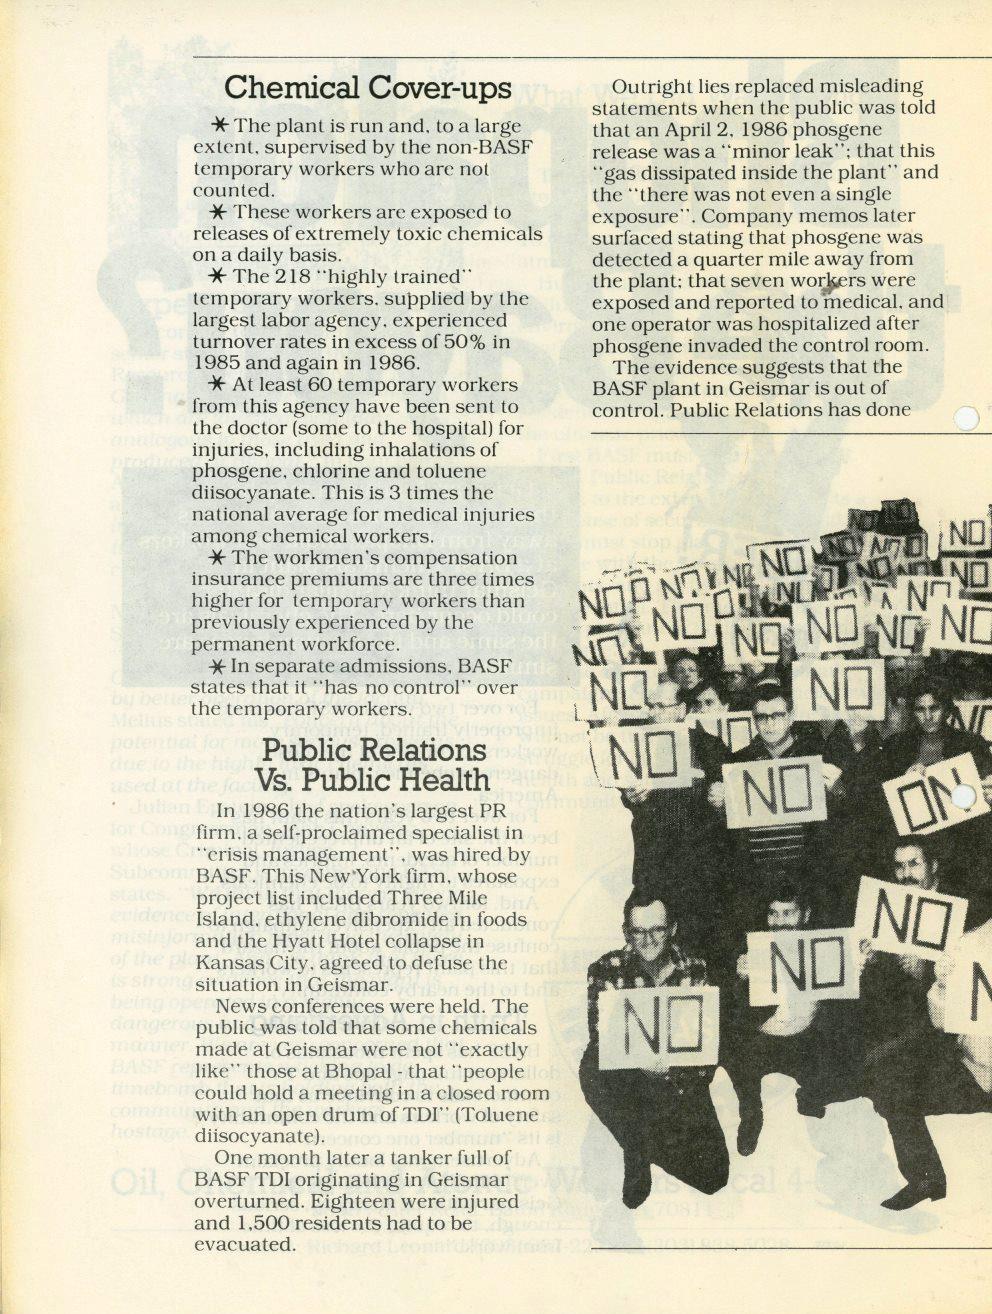 USA_BASF_Aussperrung_in_Geismar_1986_5_02